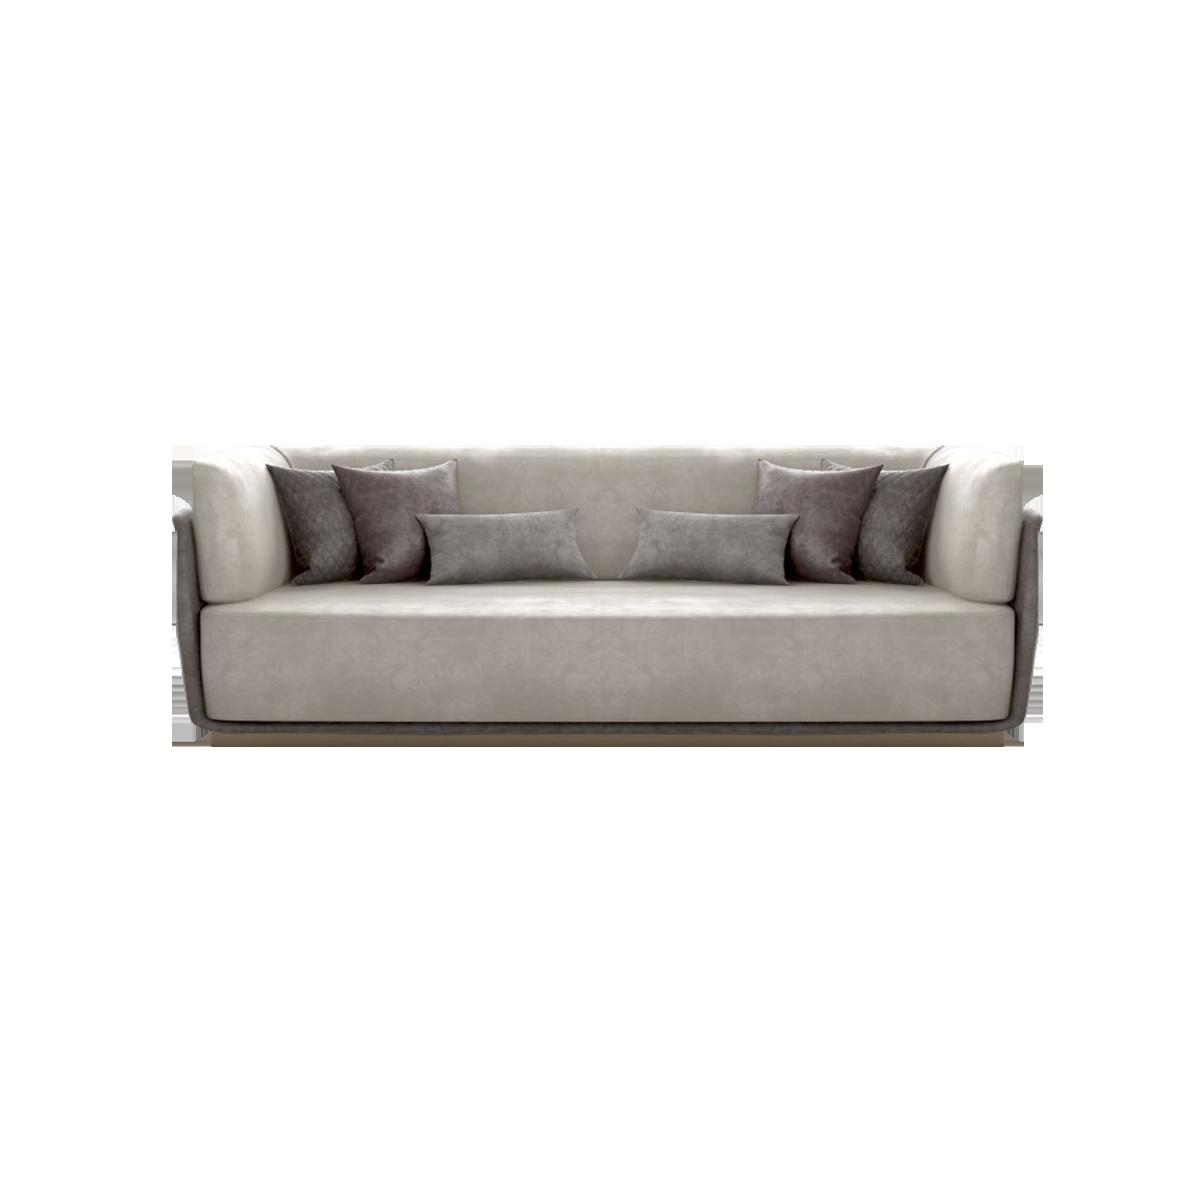 客厅|沙发|创意家具|现代家居|时尚家具|设计师家具|轻奢风格多人沙发H3